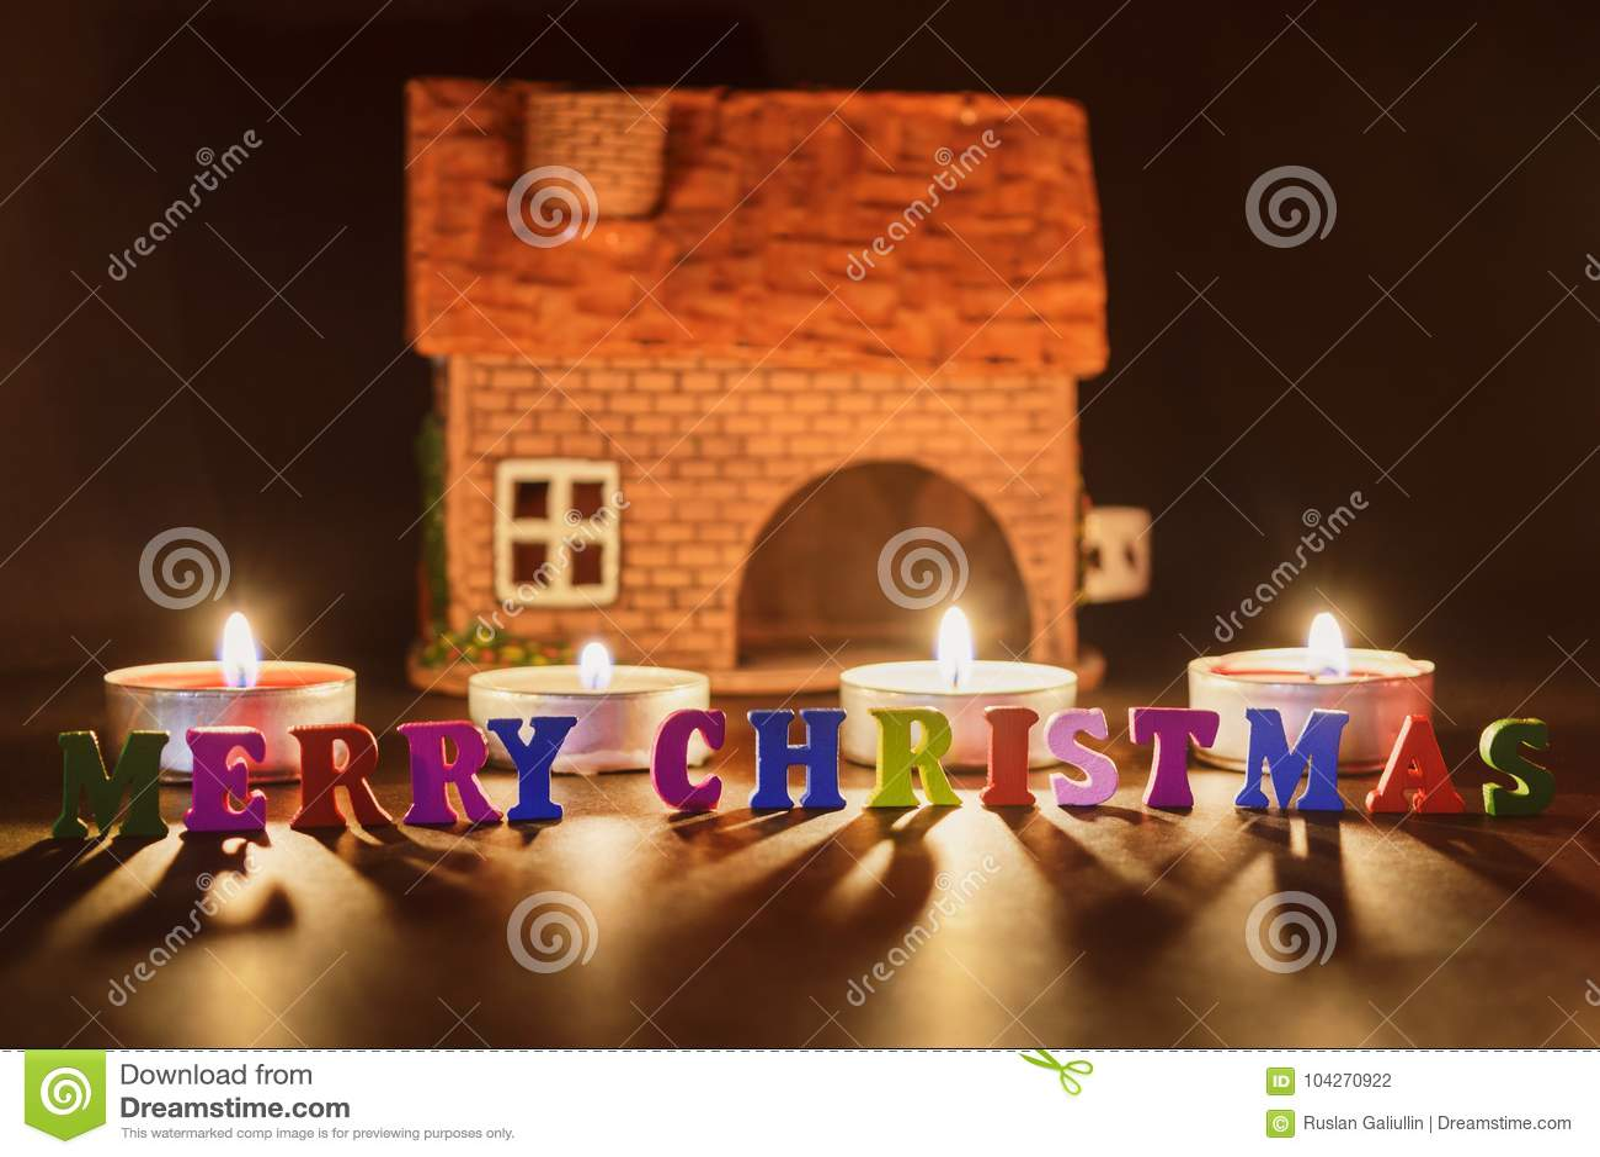 Beleuchtete Bilder Weihnachten.Frohe Weihnachten Ein Wort Von Den Mehrfarbigen Buchstaben